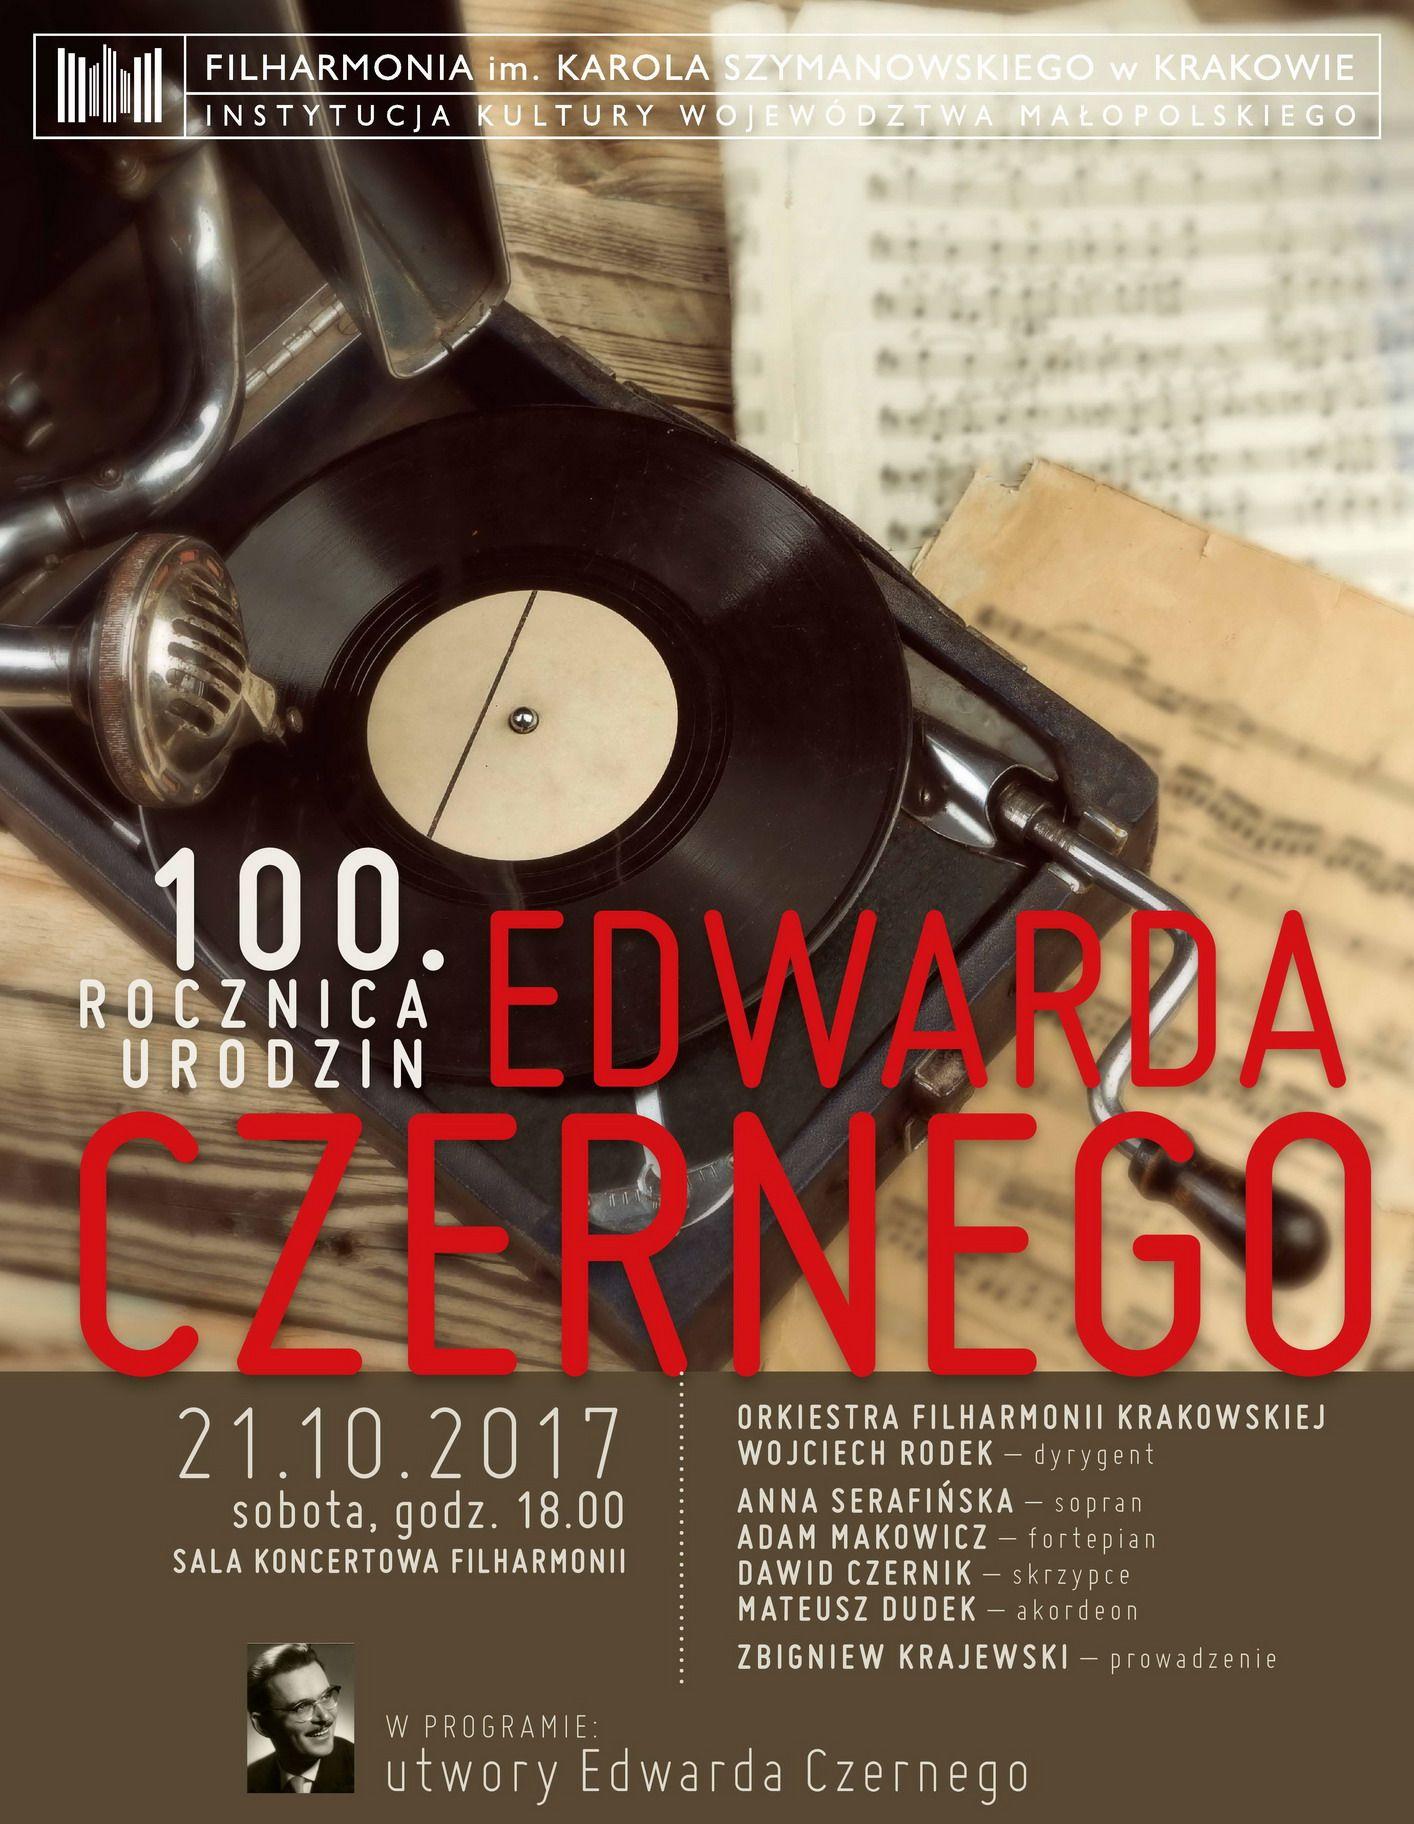 100. rocznica urodzin Edwarda Czernego (źródło: materiały prasowe organizatora)